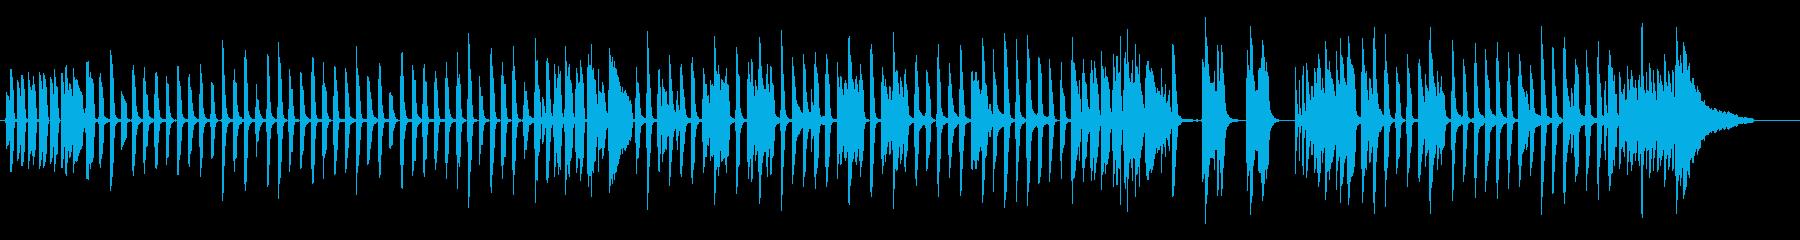 ロックン・ロールの序章の再生済みの波形